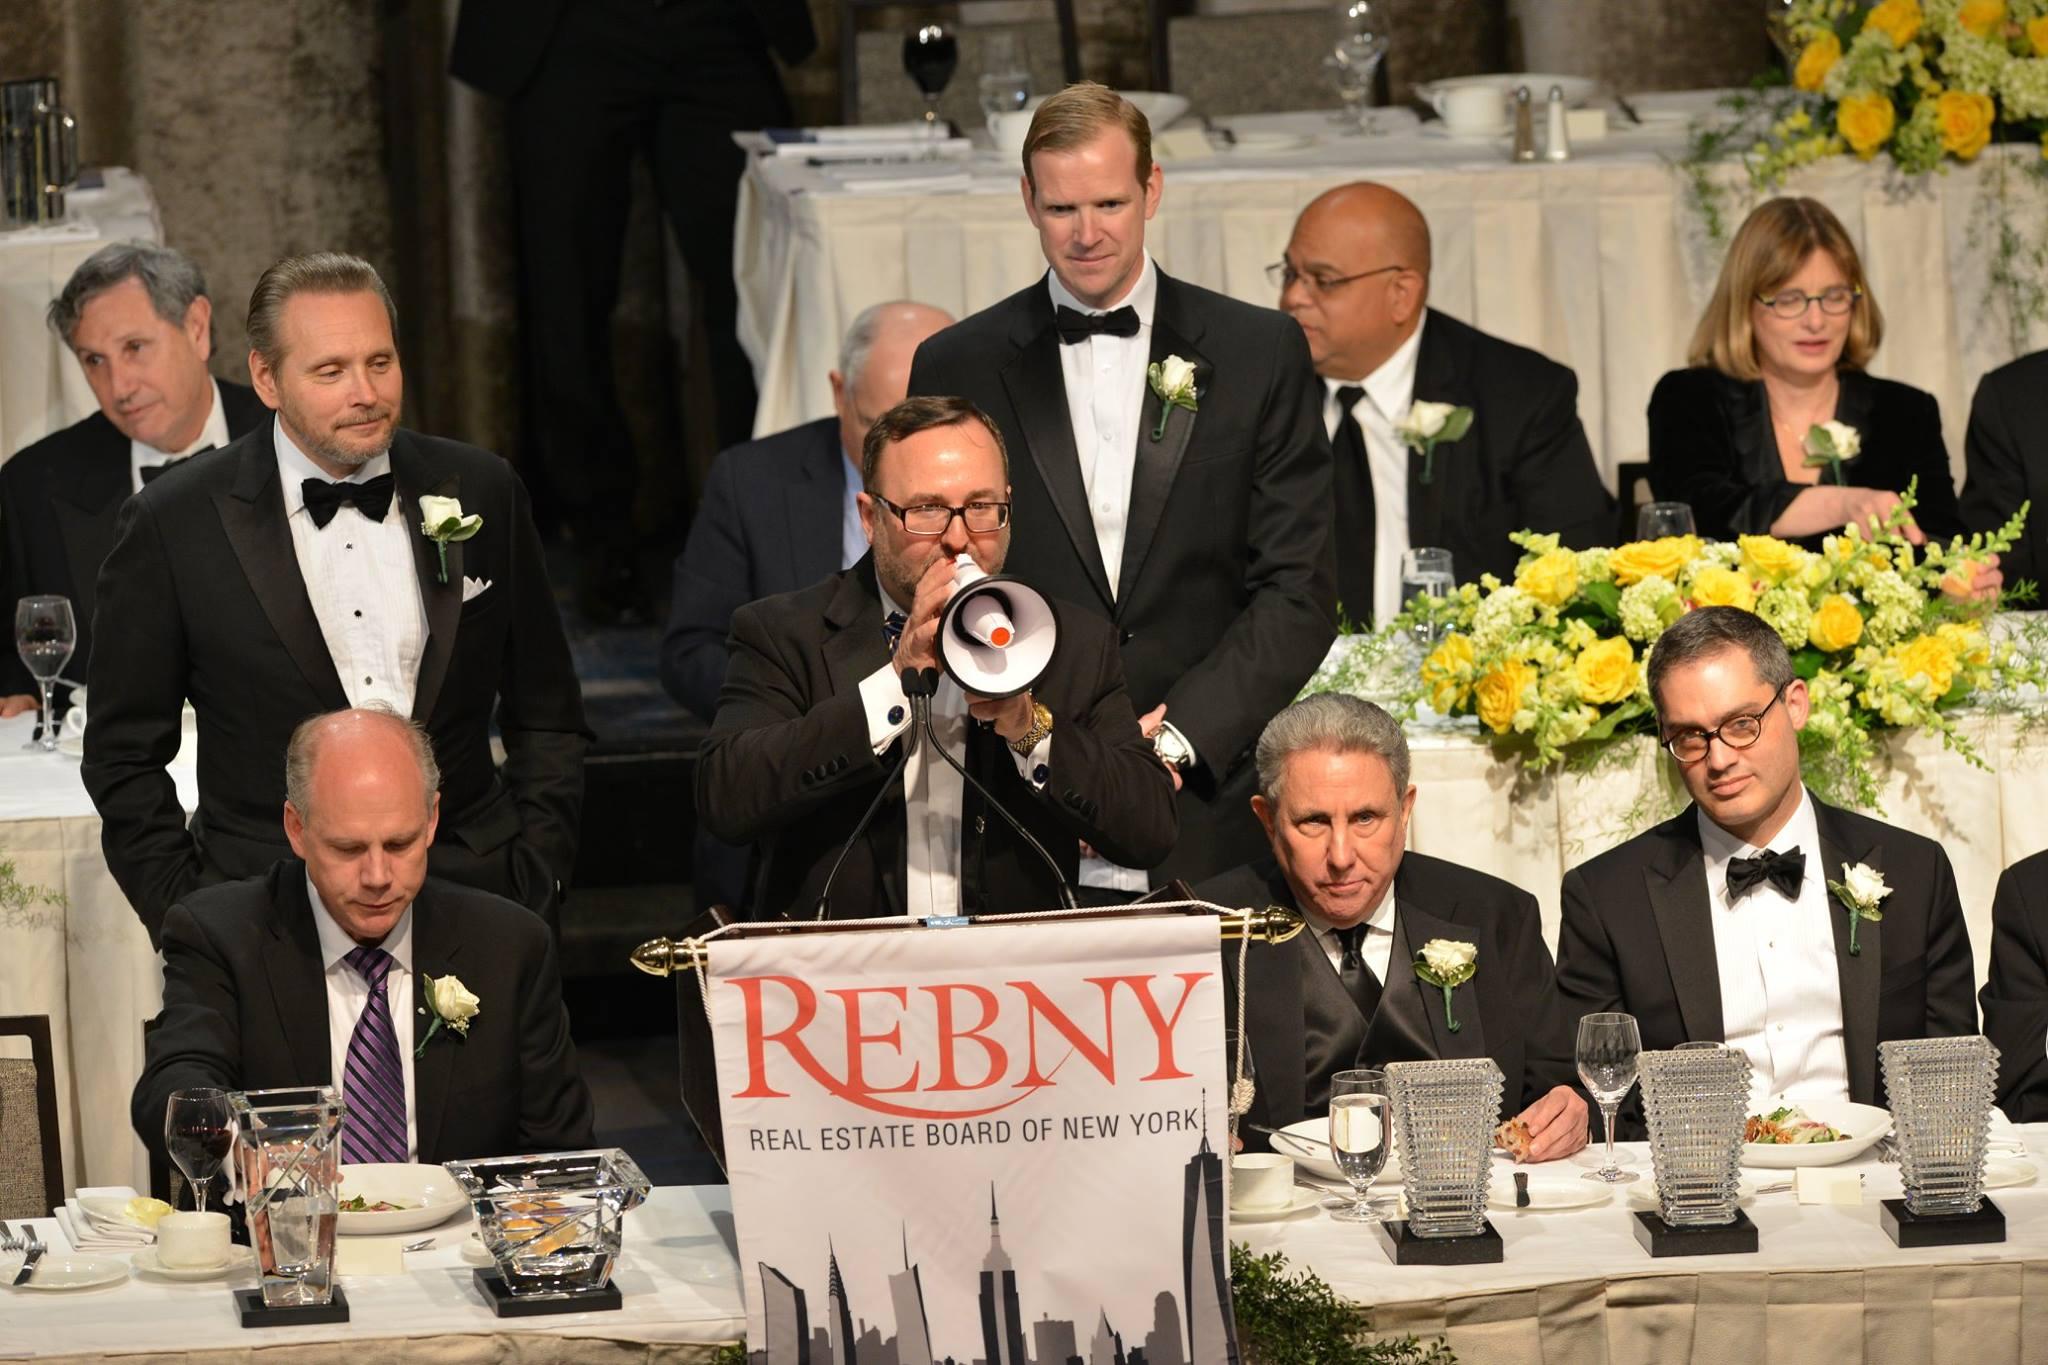 REBNY speaker